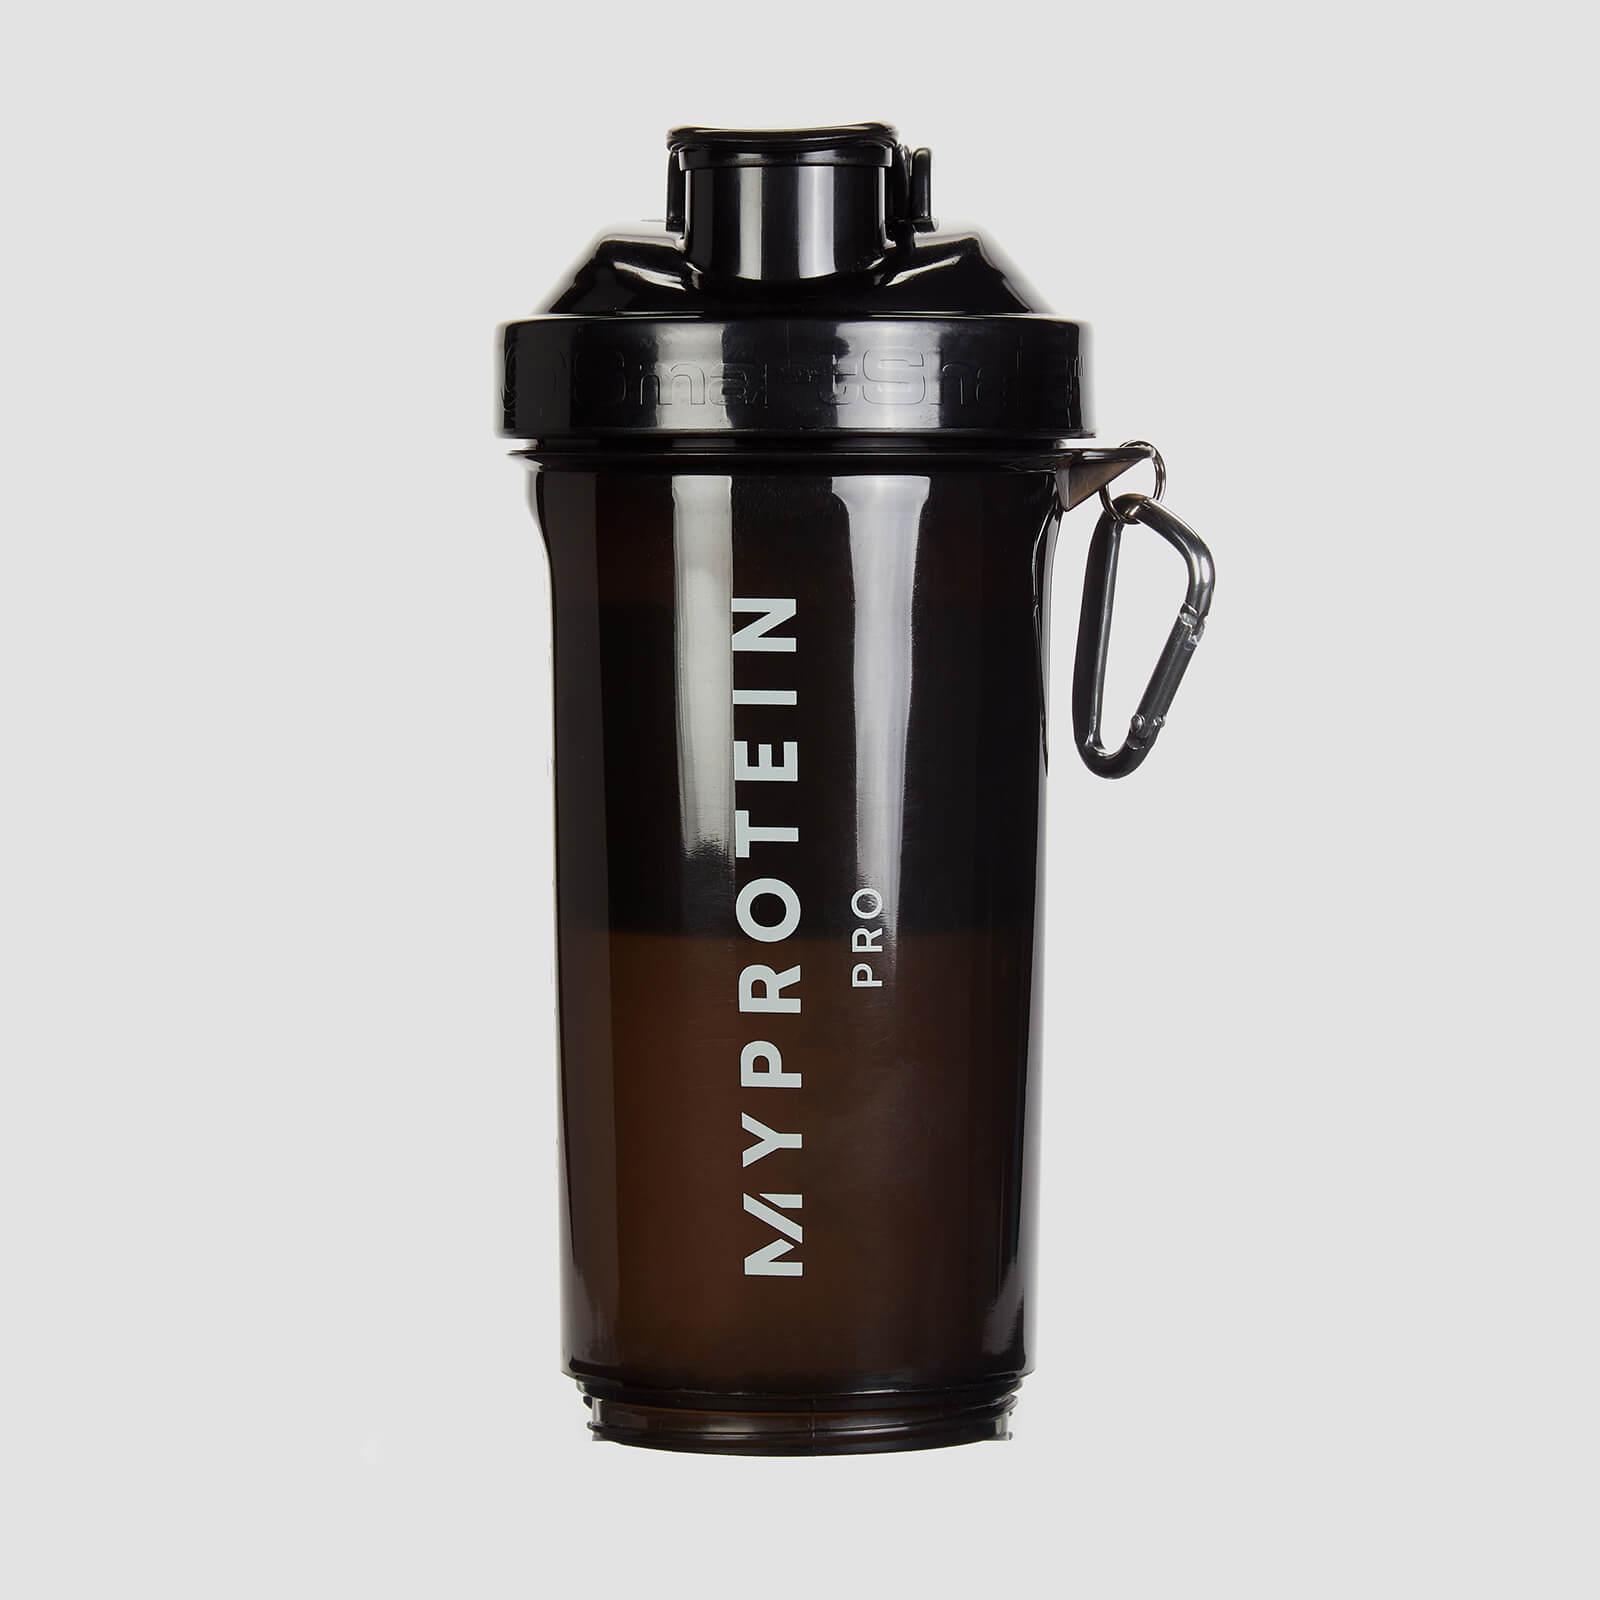 Myprotein Slim Shaker